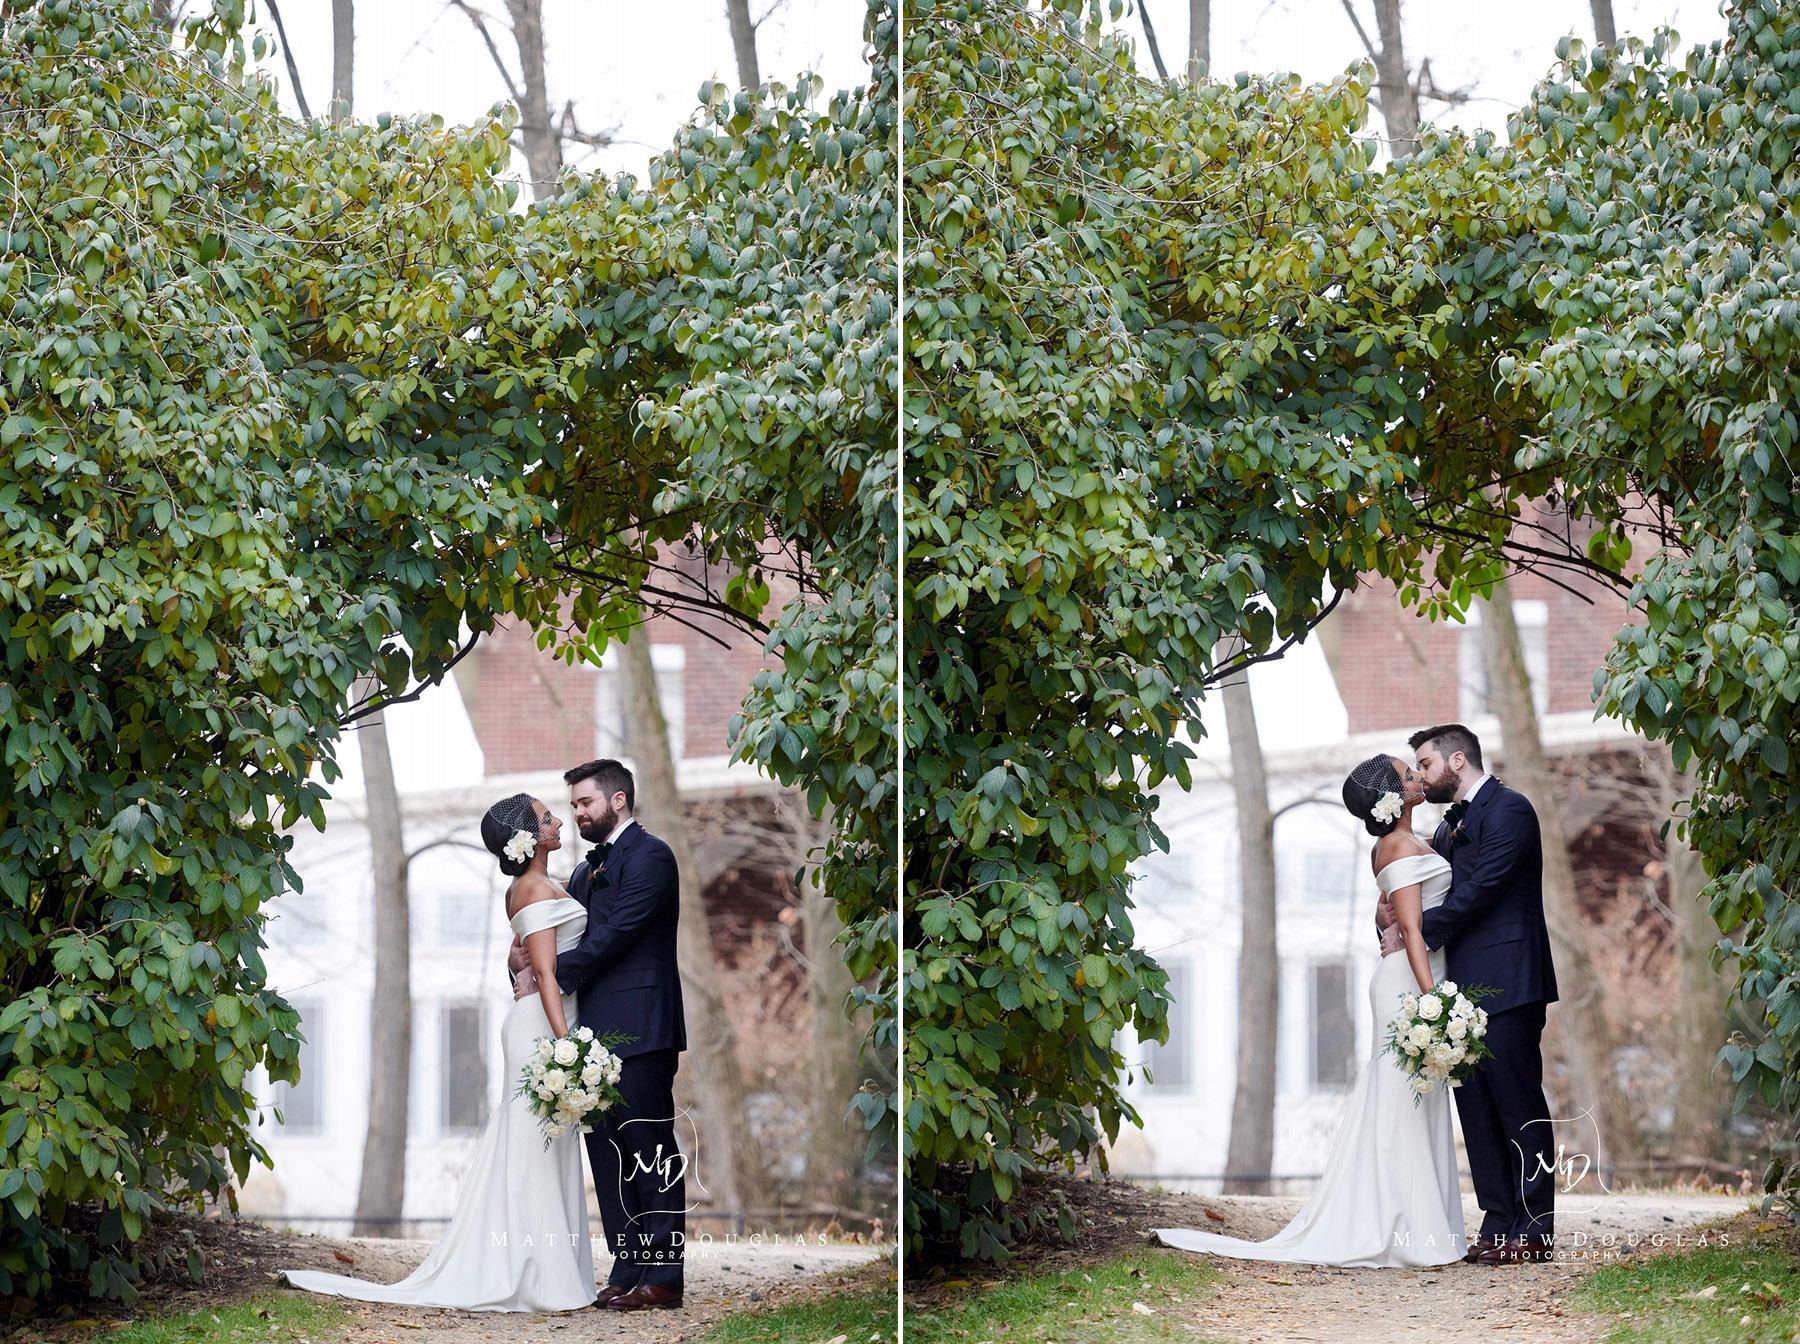 wedding photo on lambertville towpath